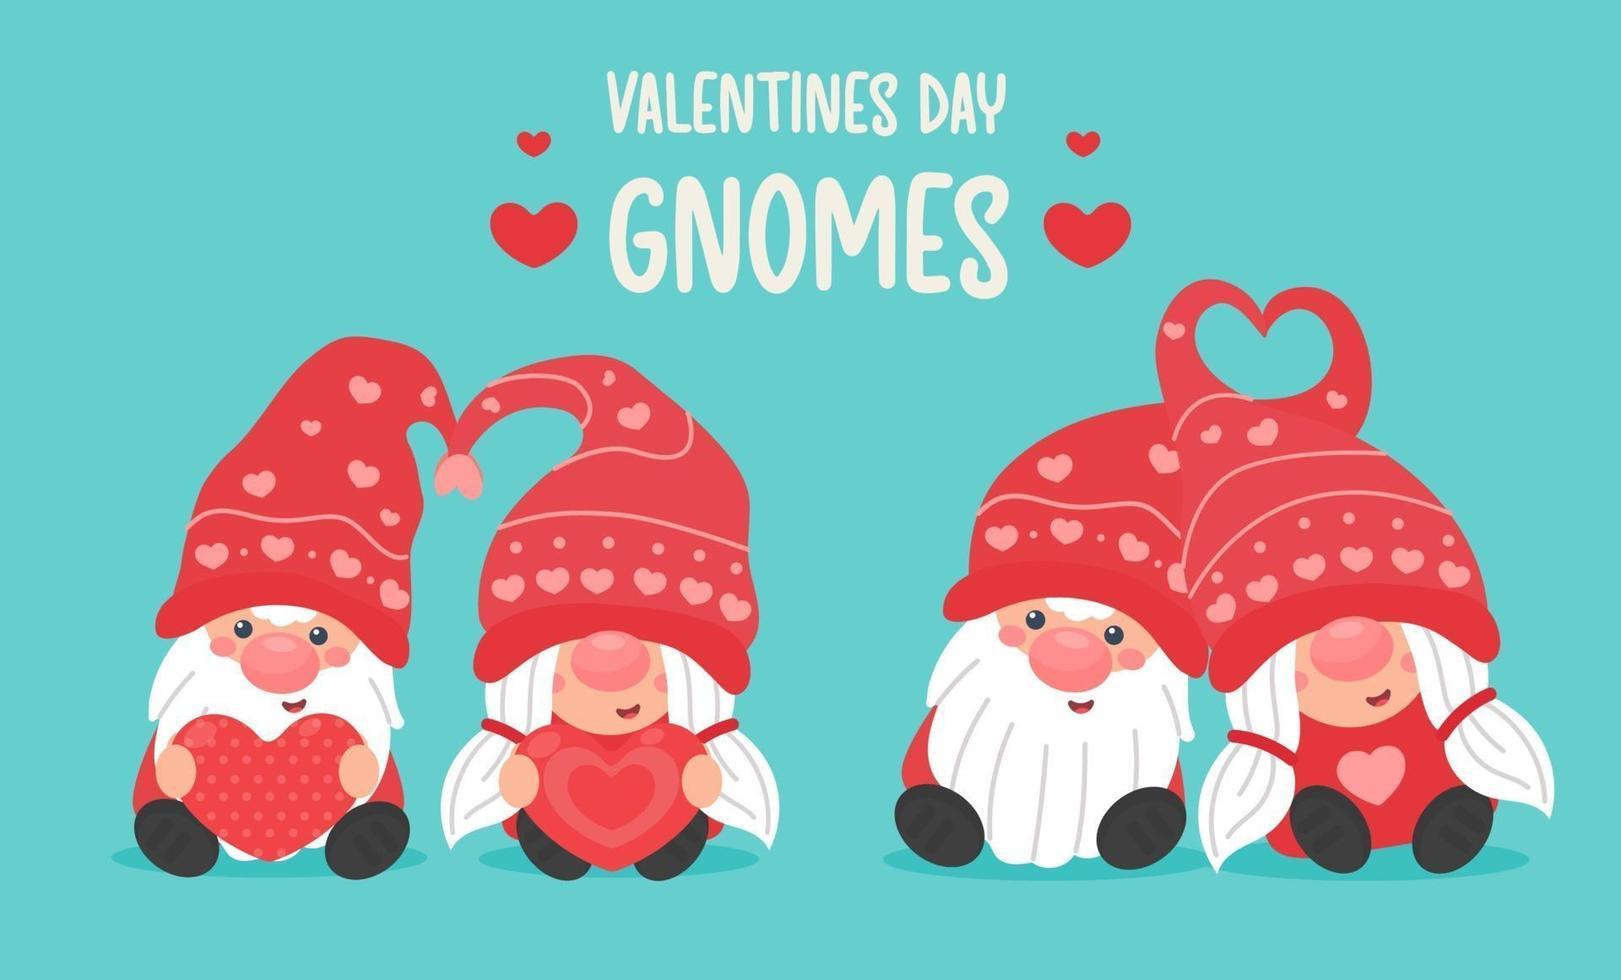 fijne Valentijnsdag. cartoon kabouters paren geven elkaar een rood hart op Valentijnsdag. vector